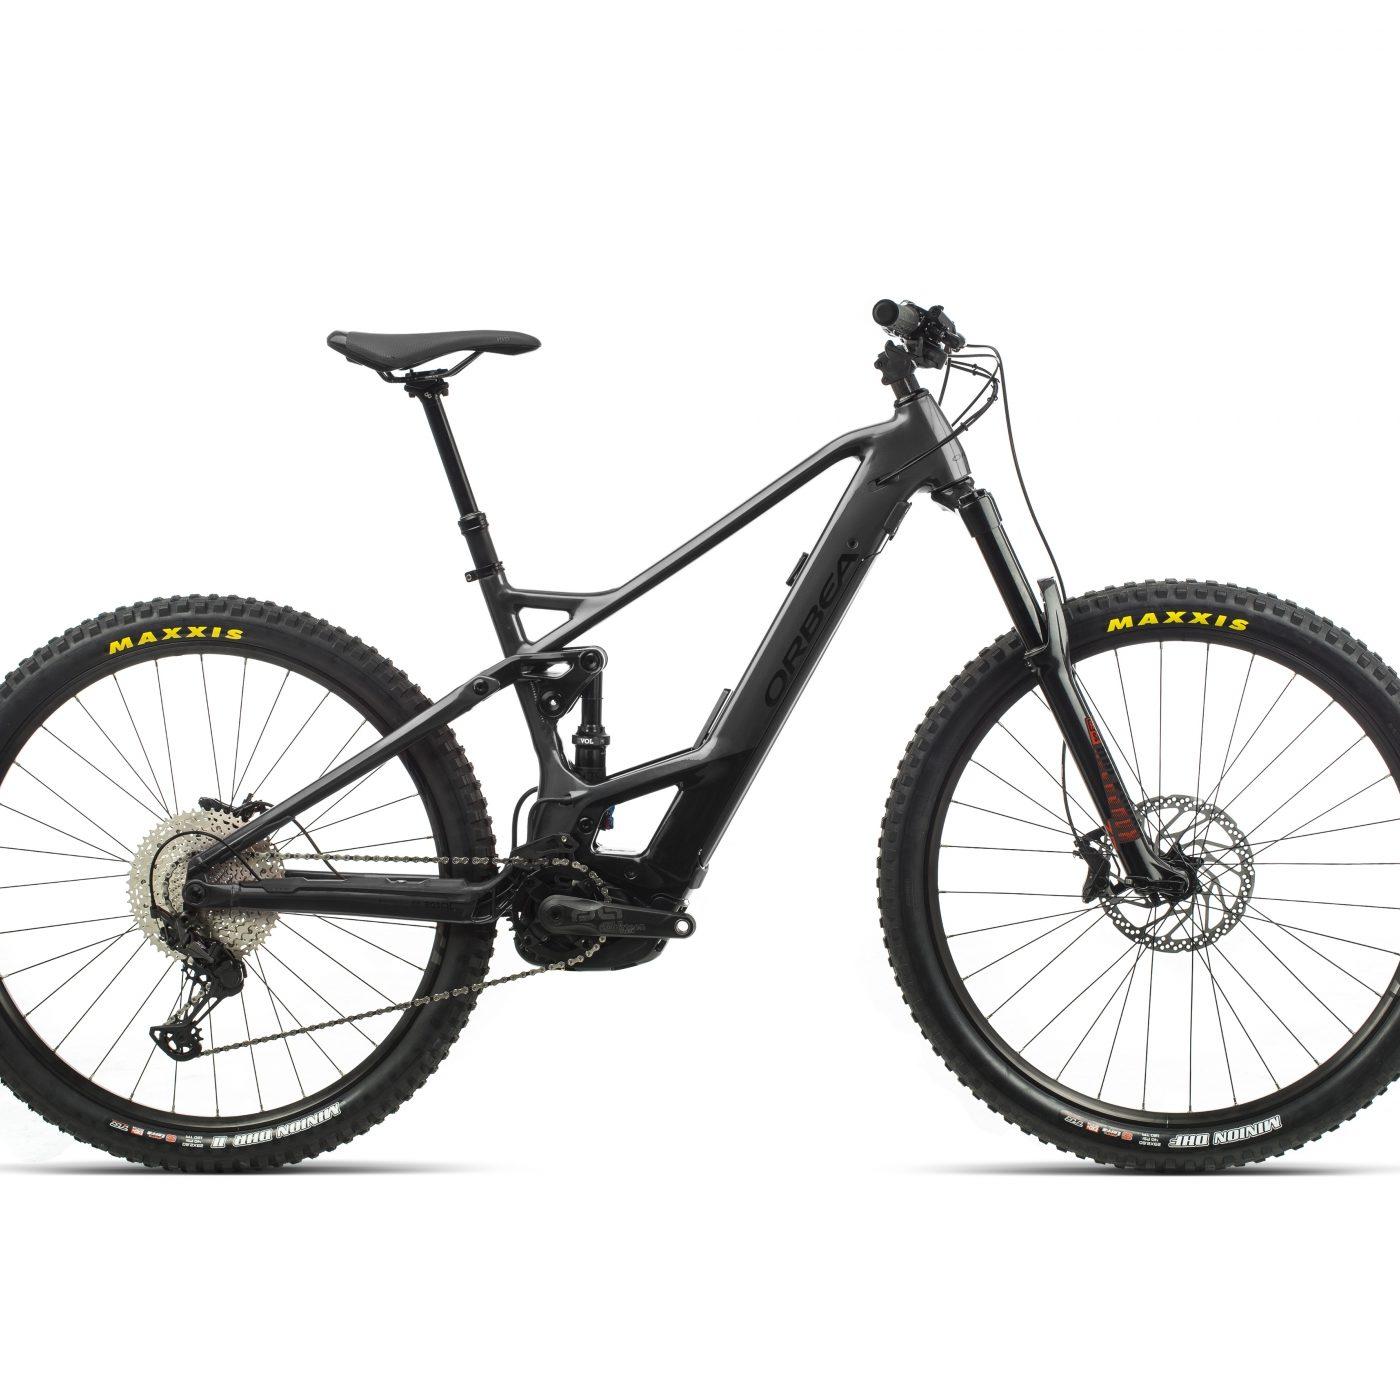 ORBEA WILD FS H30 eBike - GRAFIET / ZWART (GLOSS) @G-Bikes